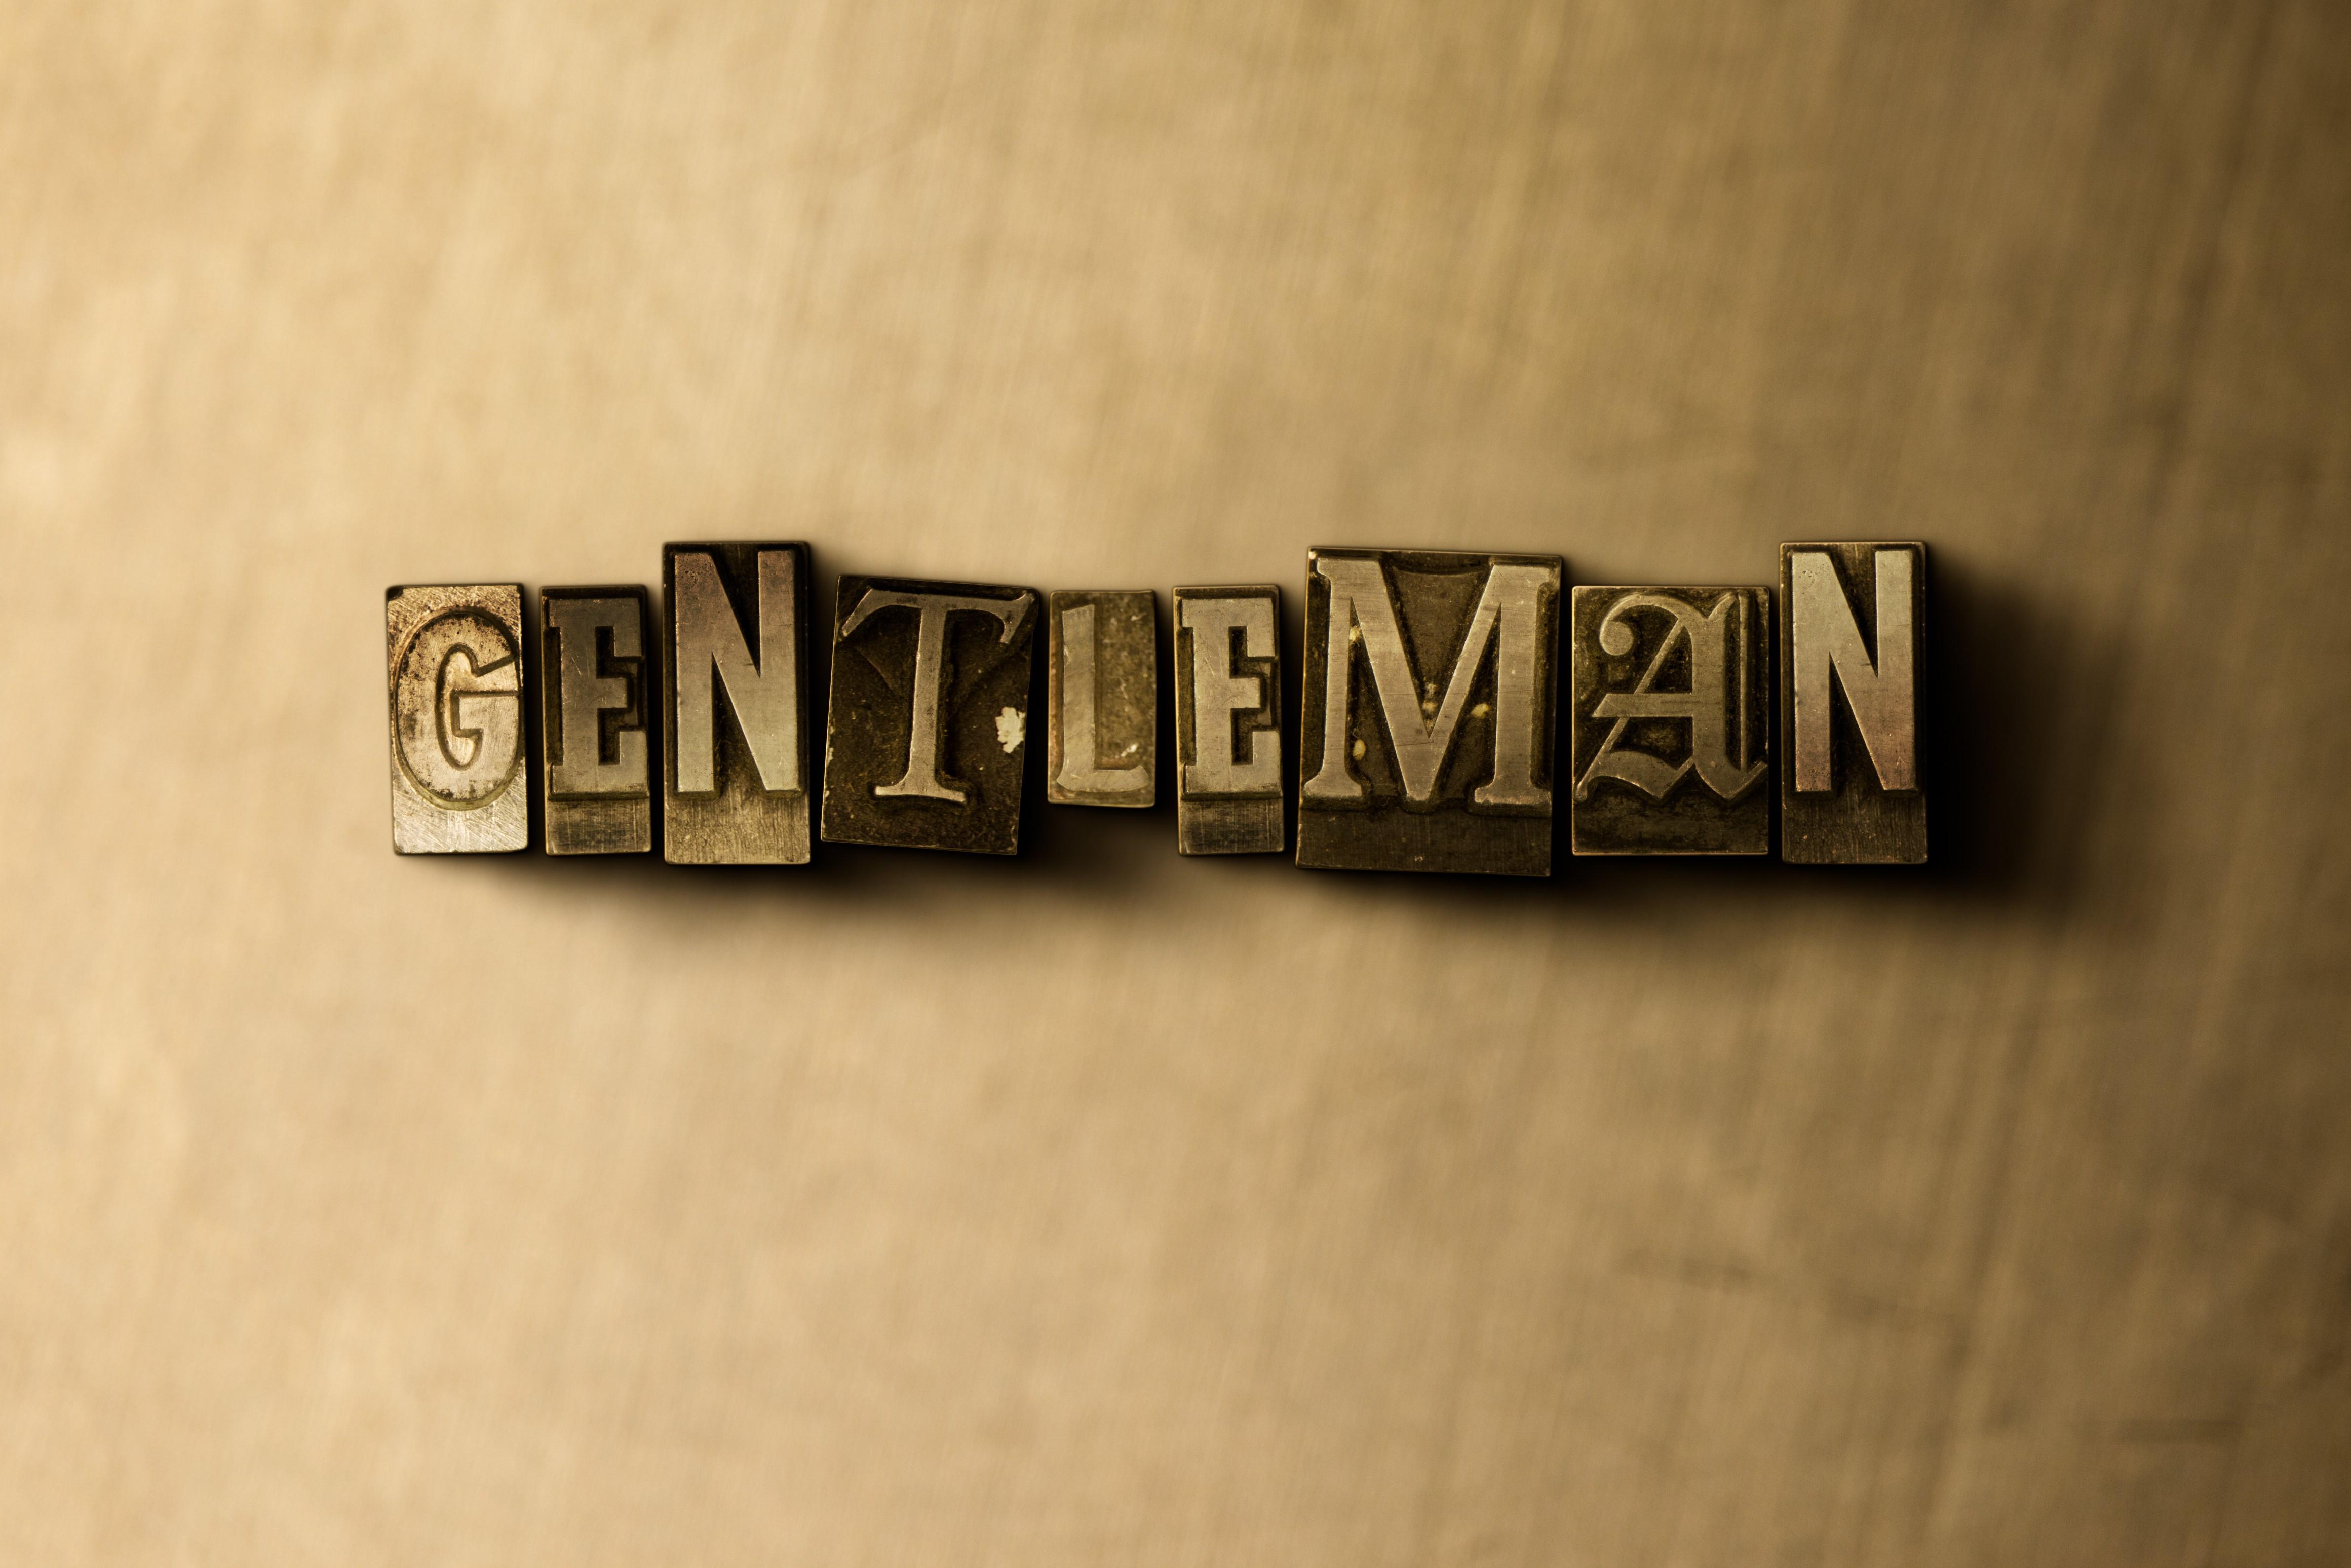 紳士が知るべきモテる7つの秘訣